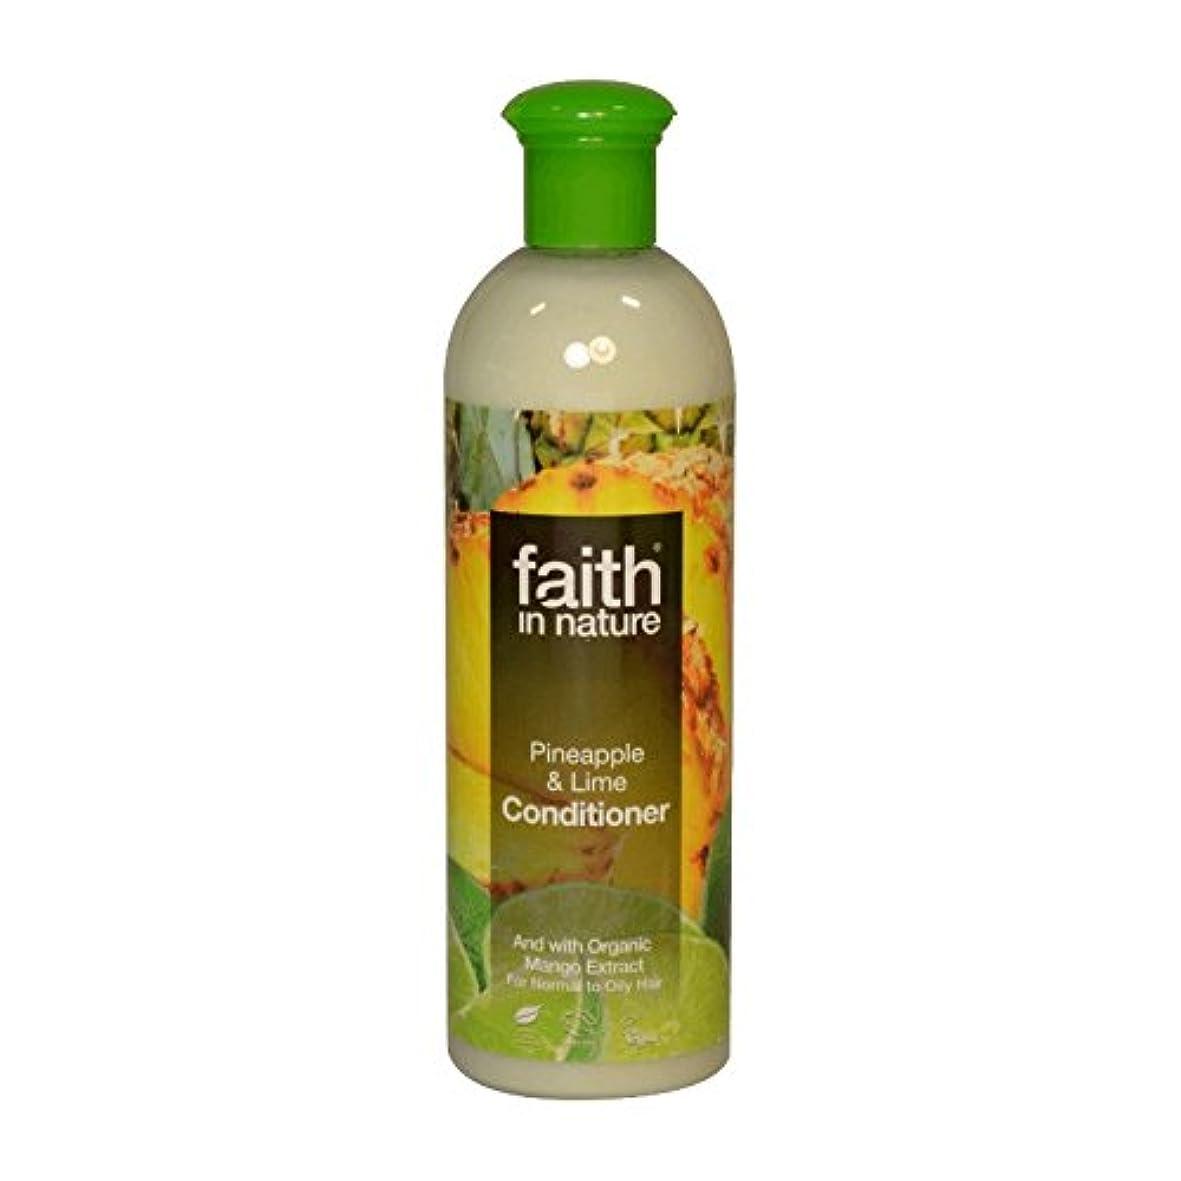 全能通知ポンプ自然パイナップル&ライムコンディショナー400ミリリットルの信仰 - Faith in Nature Pineapple & Lime Conditioner 400ml (Faith in Nature) [並行輸入品]